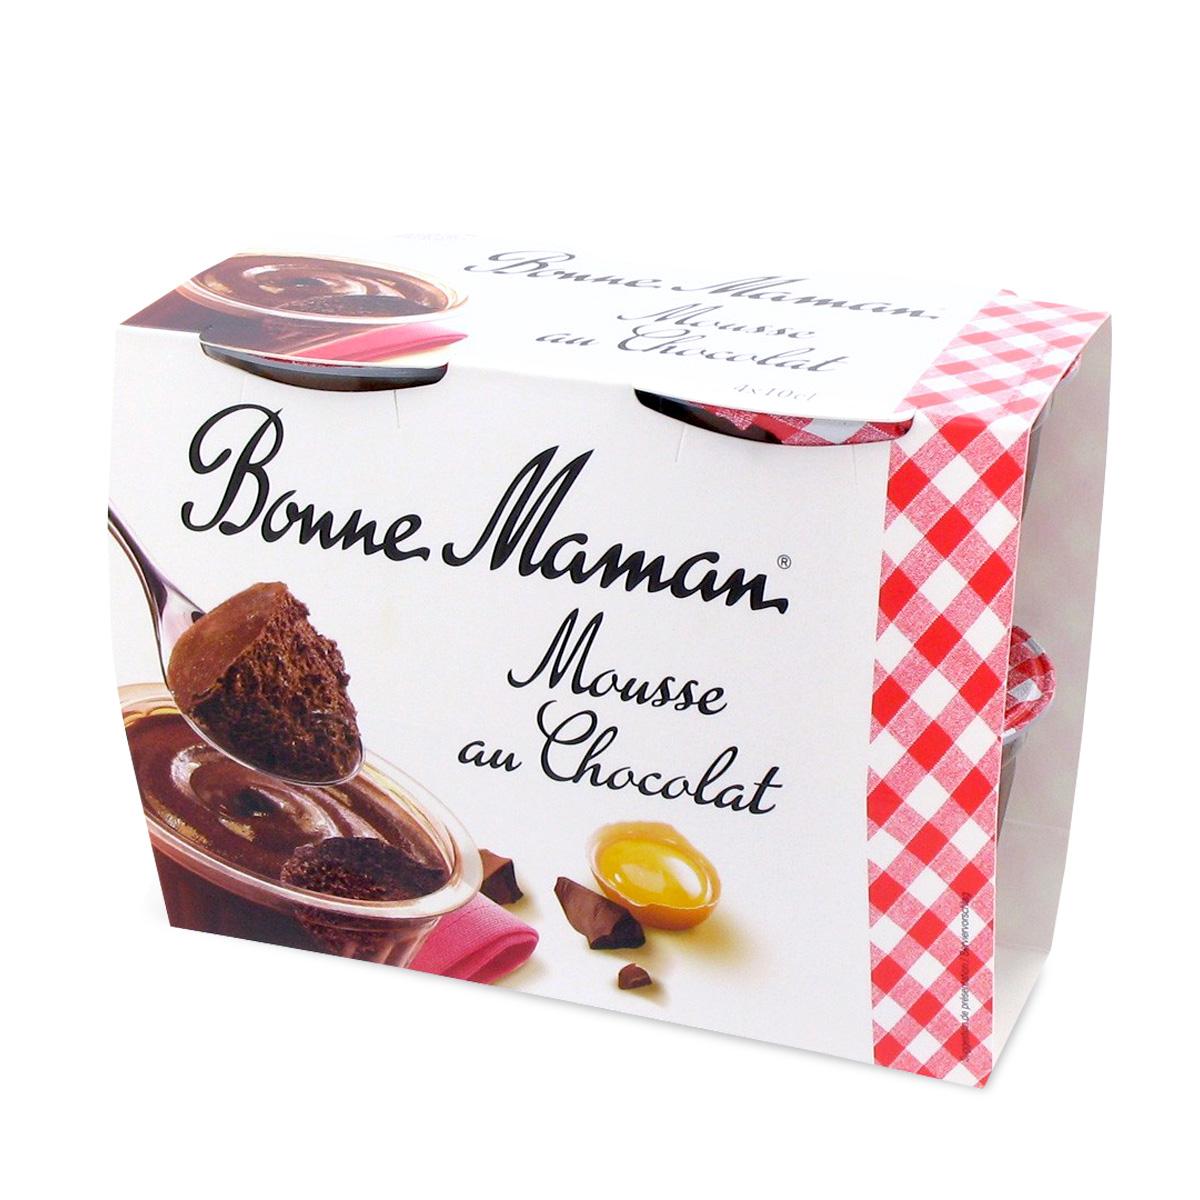 c ur fondant au chocolat 2 x 80 g desserts desserts les produits bonne maman suisse. Black Bedroom Furniture Sets. Home Design Ideas